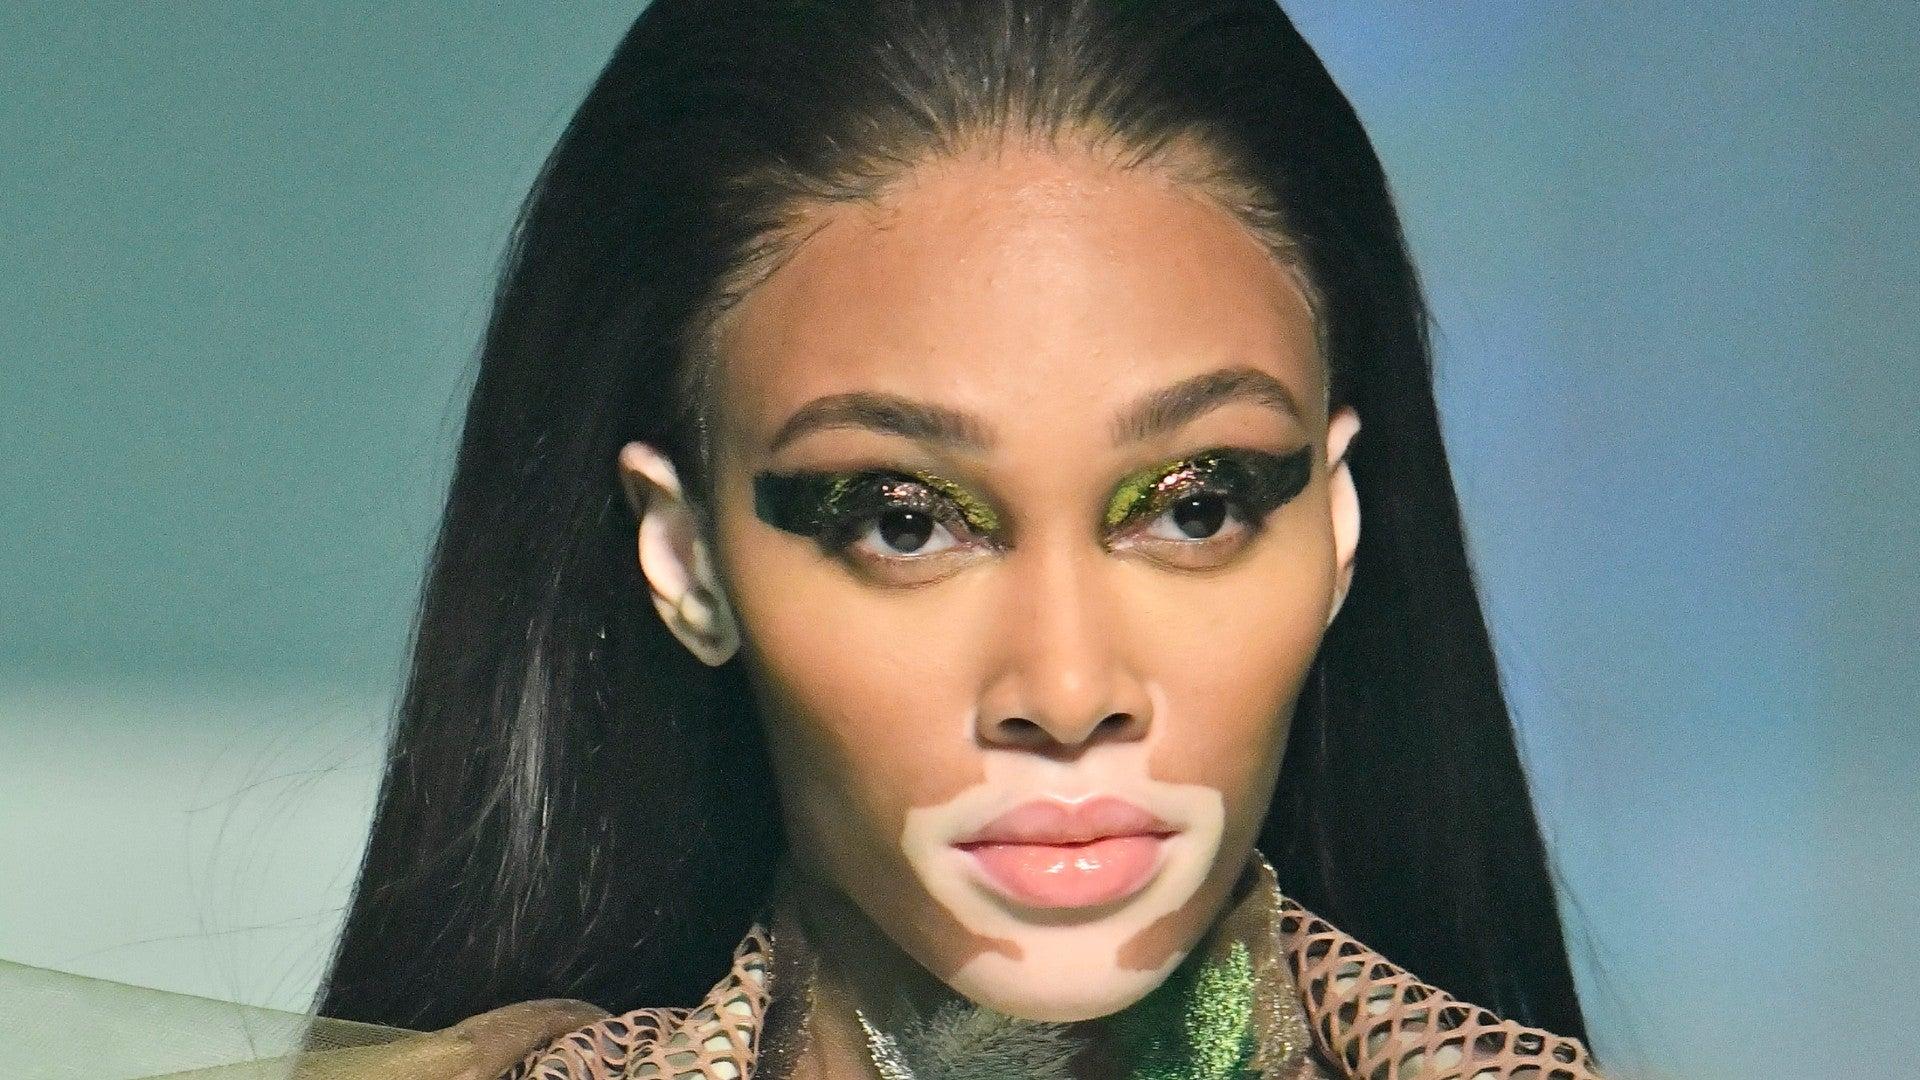 Celebrity Beauty Looks Of The Week: Jan. 19-Jan. 25